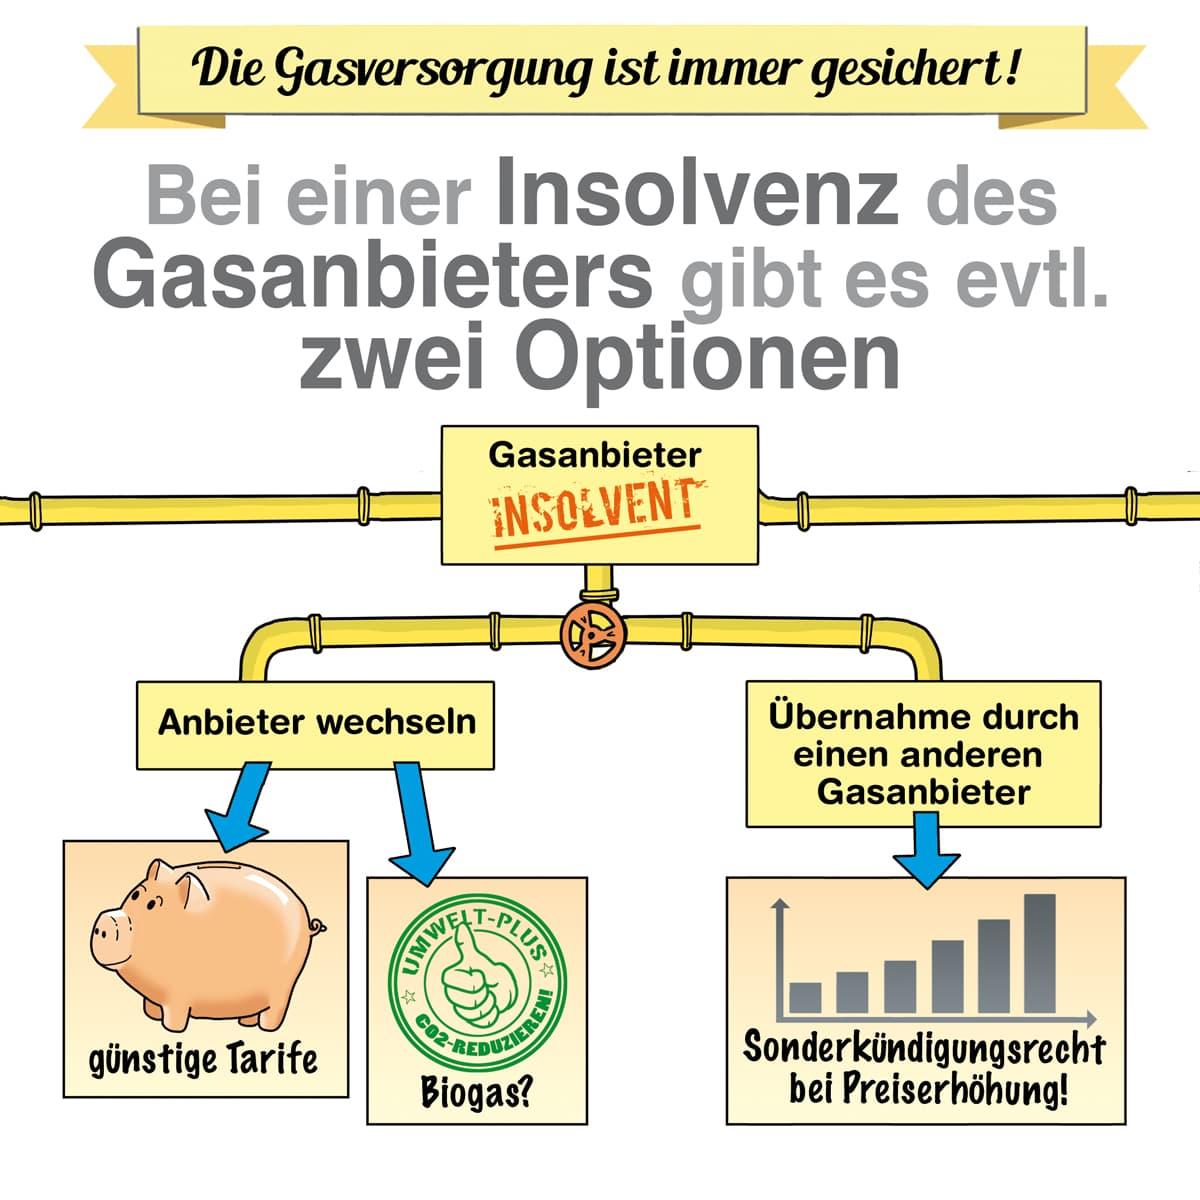 Bei der Insolvenz des Gasanbieters gibt es zwei Optionen